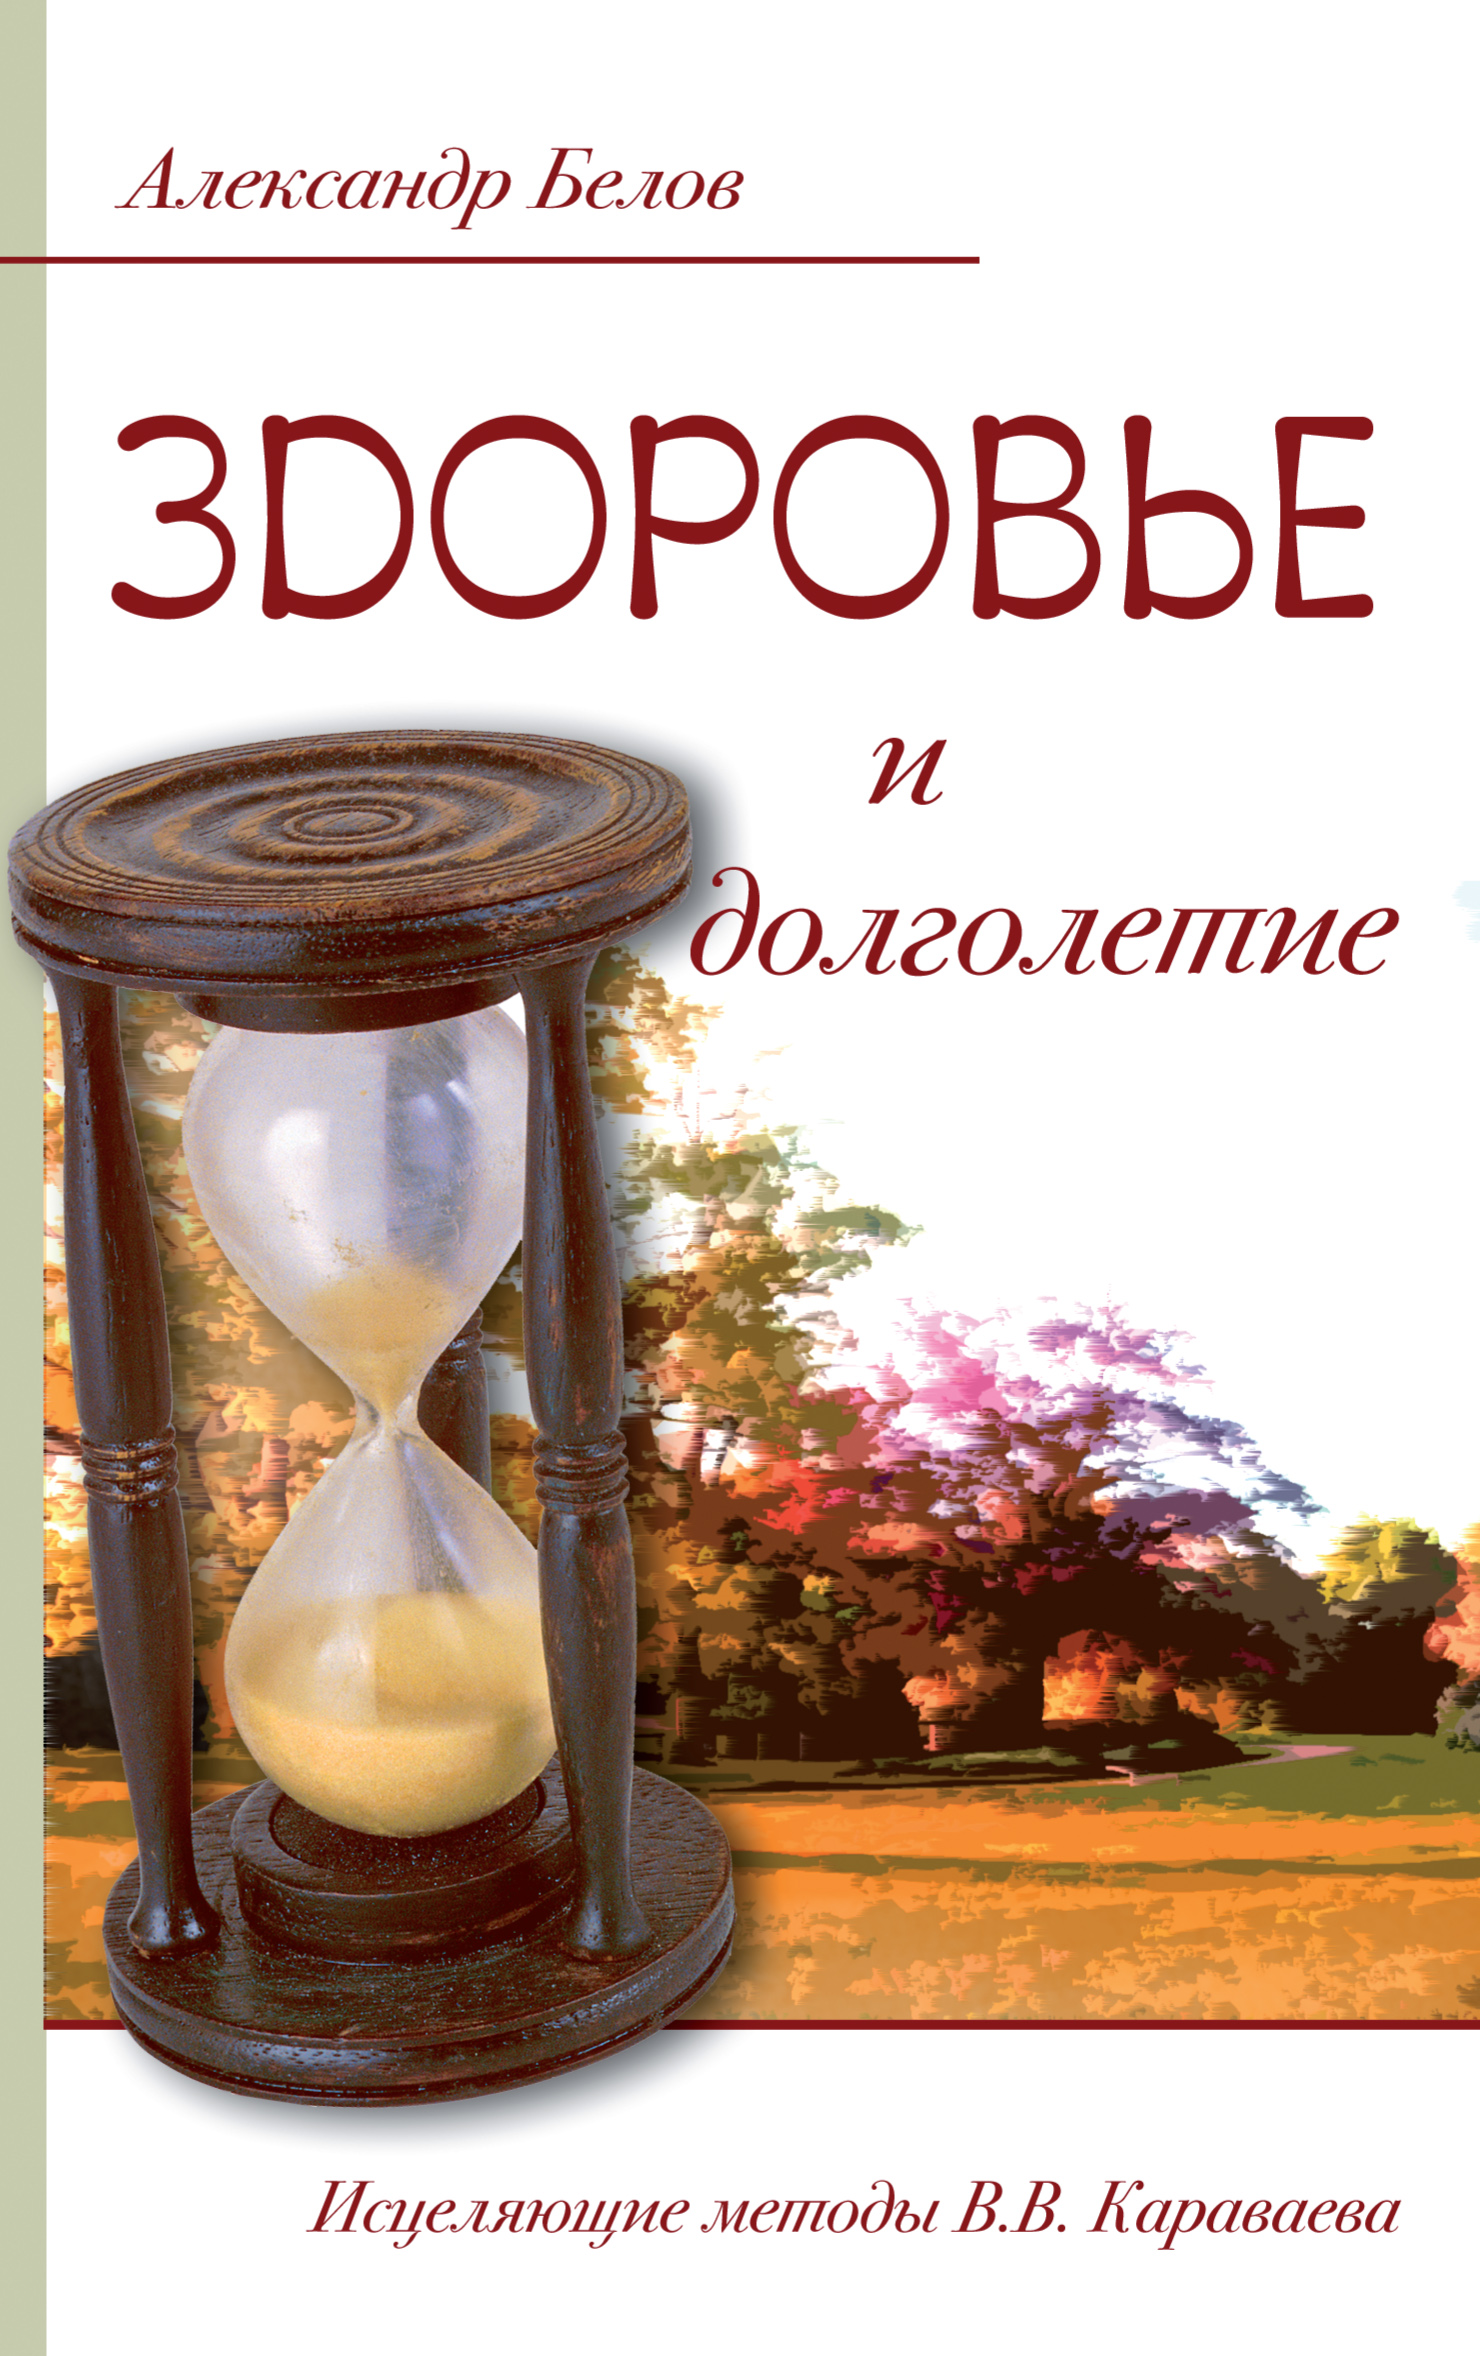 Здоровье и долголетие. 3-е изд. Исцеляющие методы В.В. Караваева